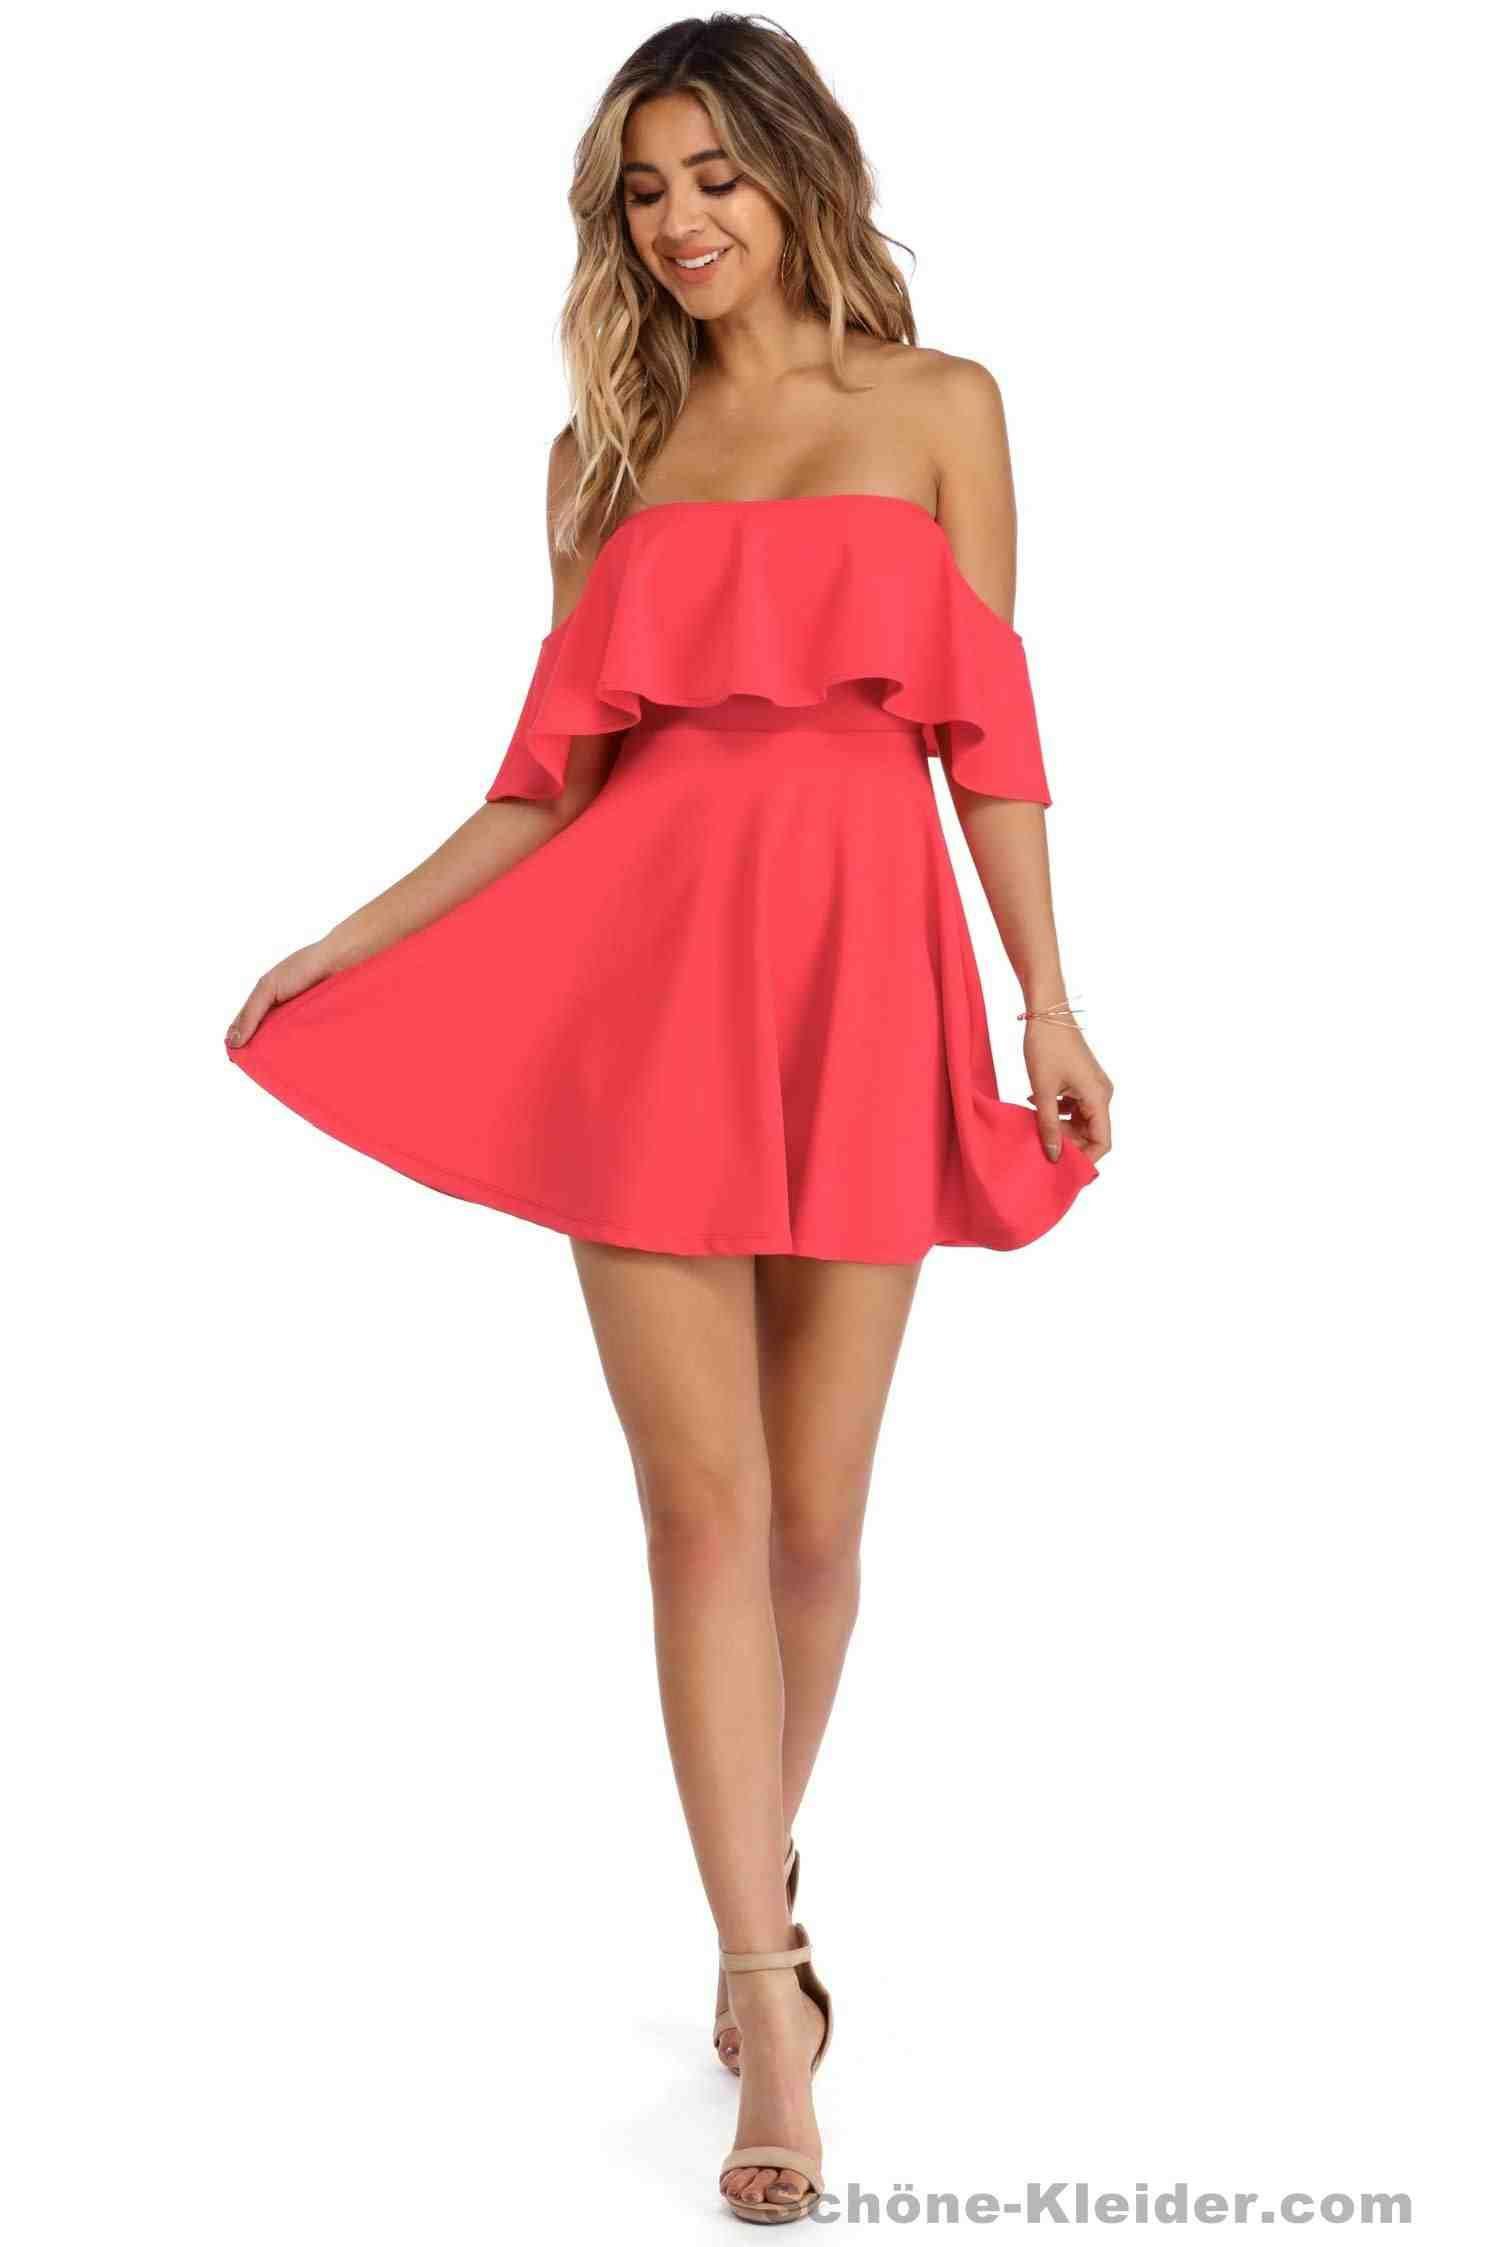 Abend Coolste Schicke Kleider StylishFormal Spektakulär Schicke Kleider Design